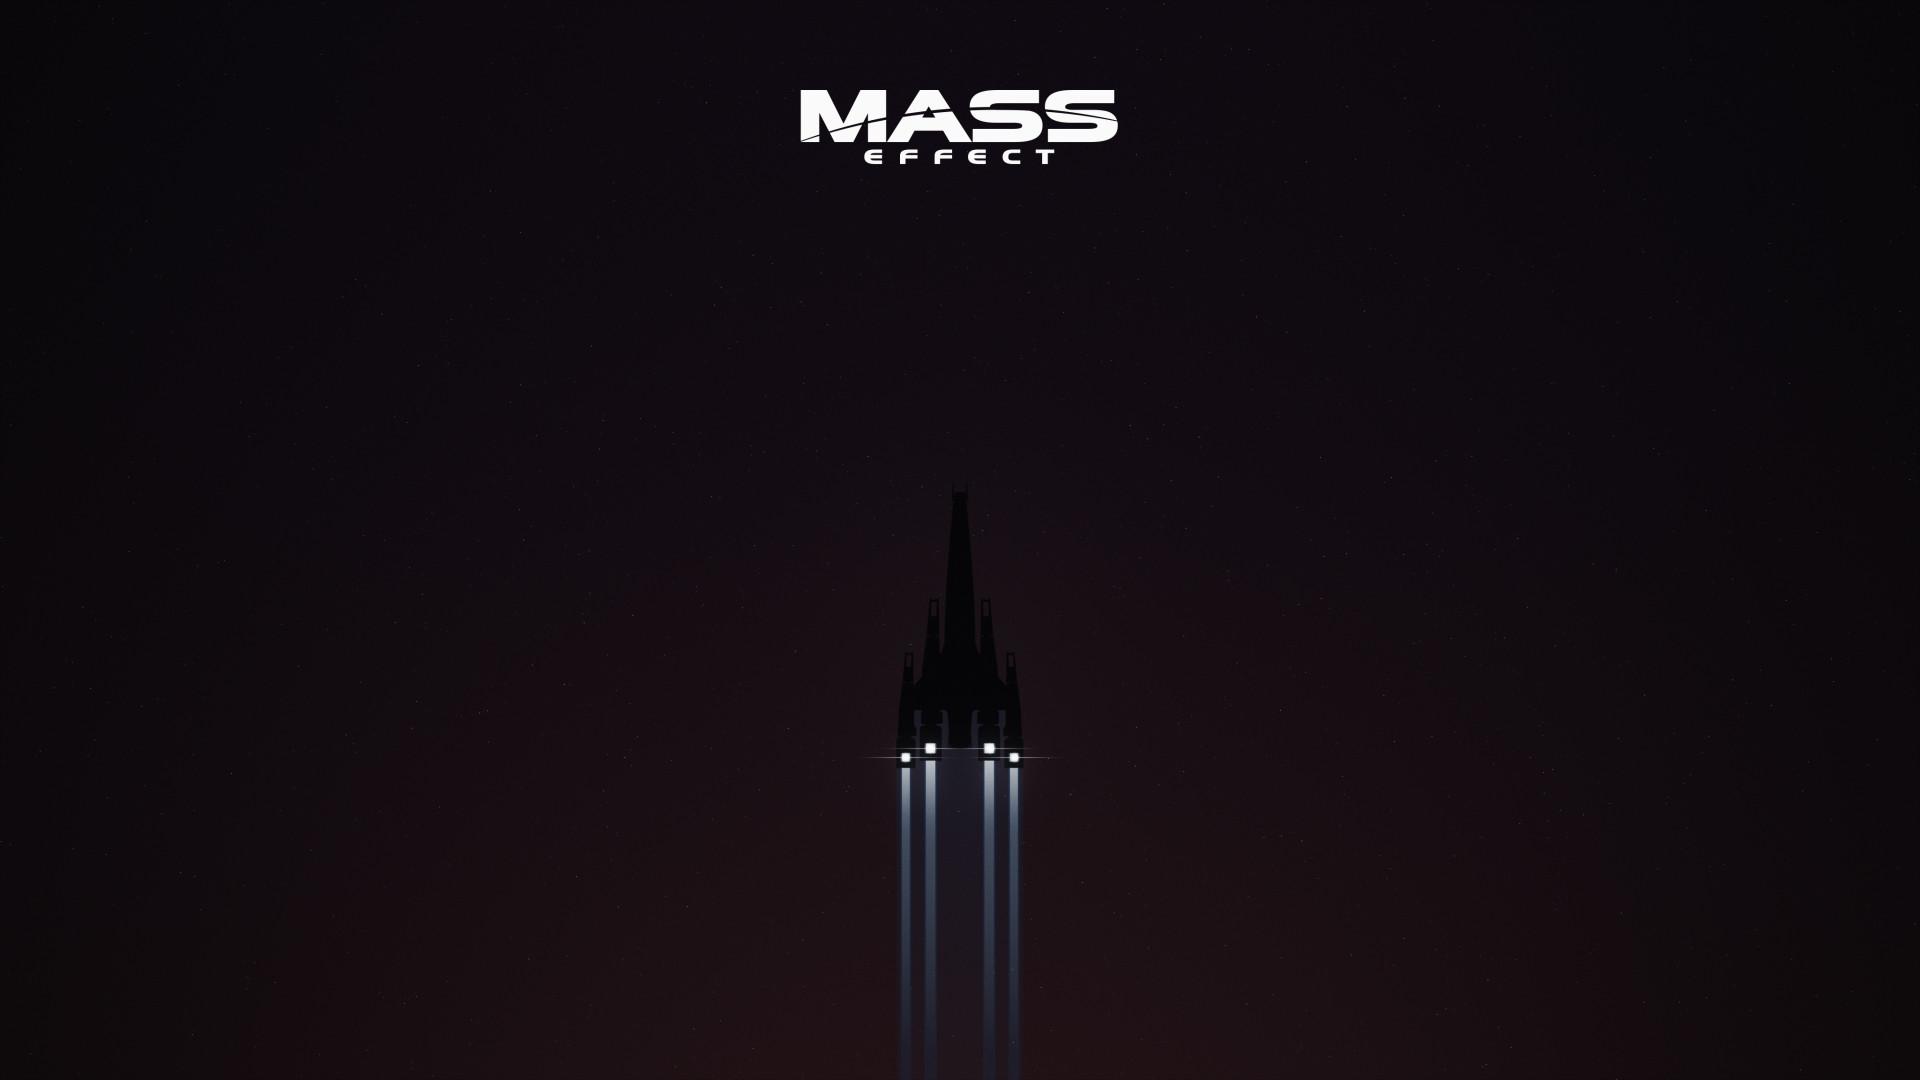 art work Mass Effect Mass Effect Wallpaper ME minimalist Reddit Super 1920x1080